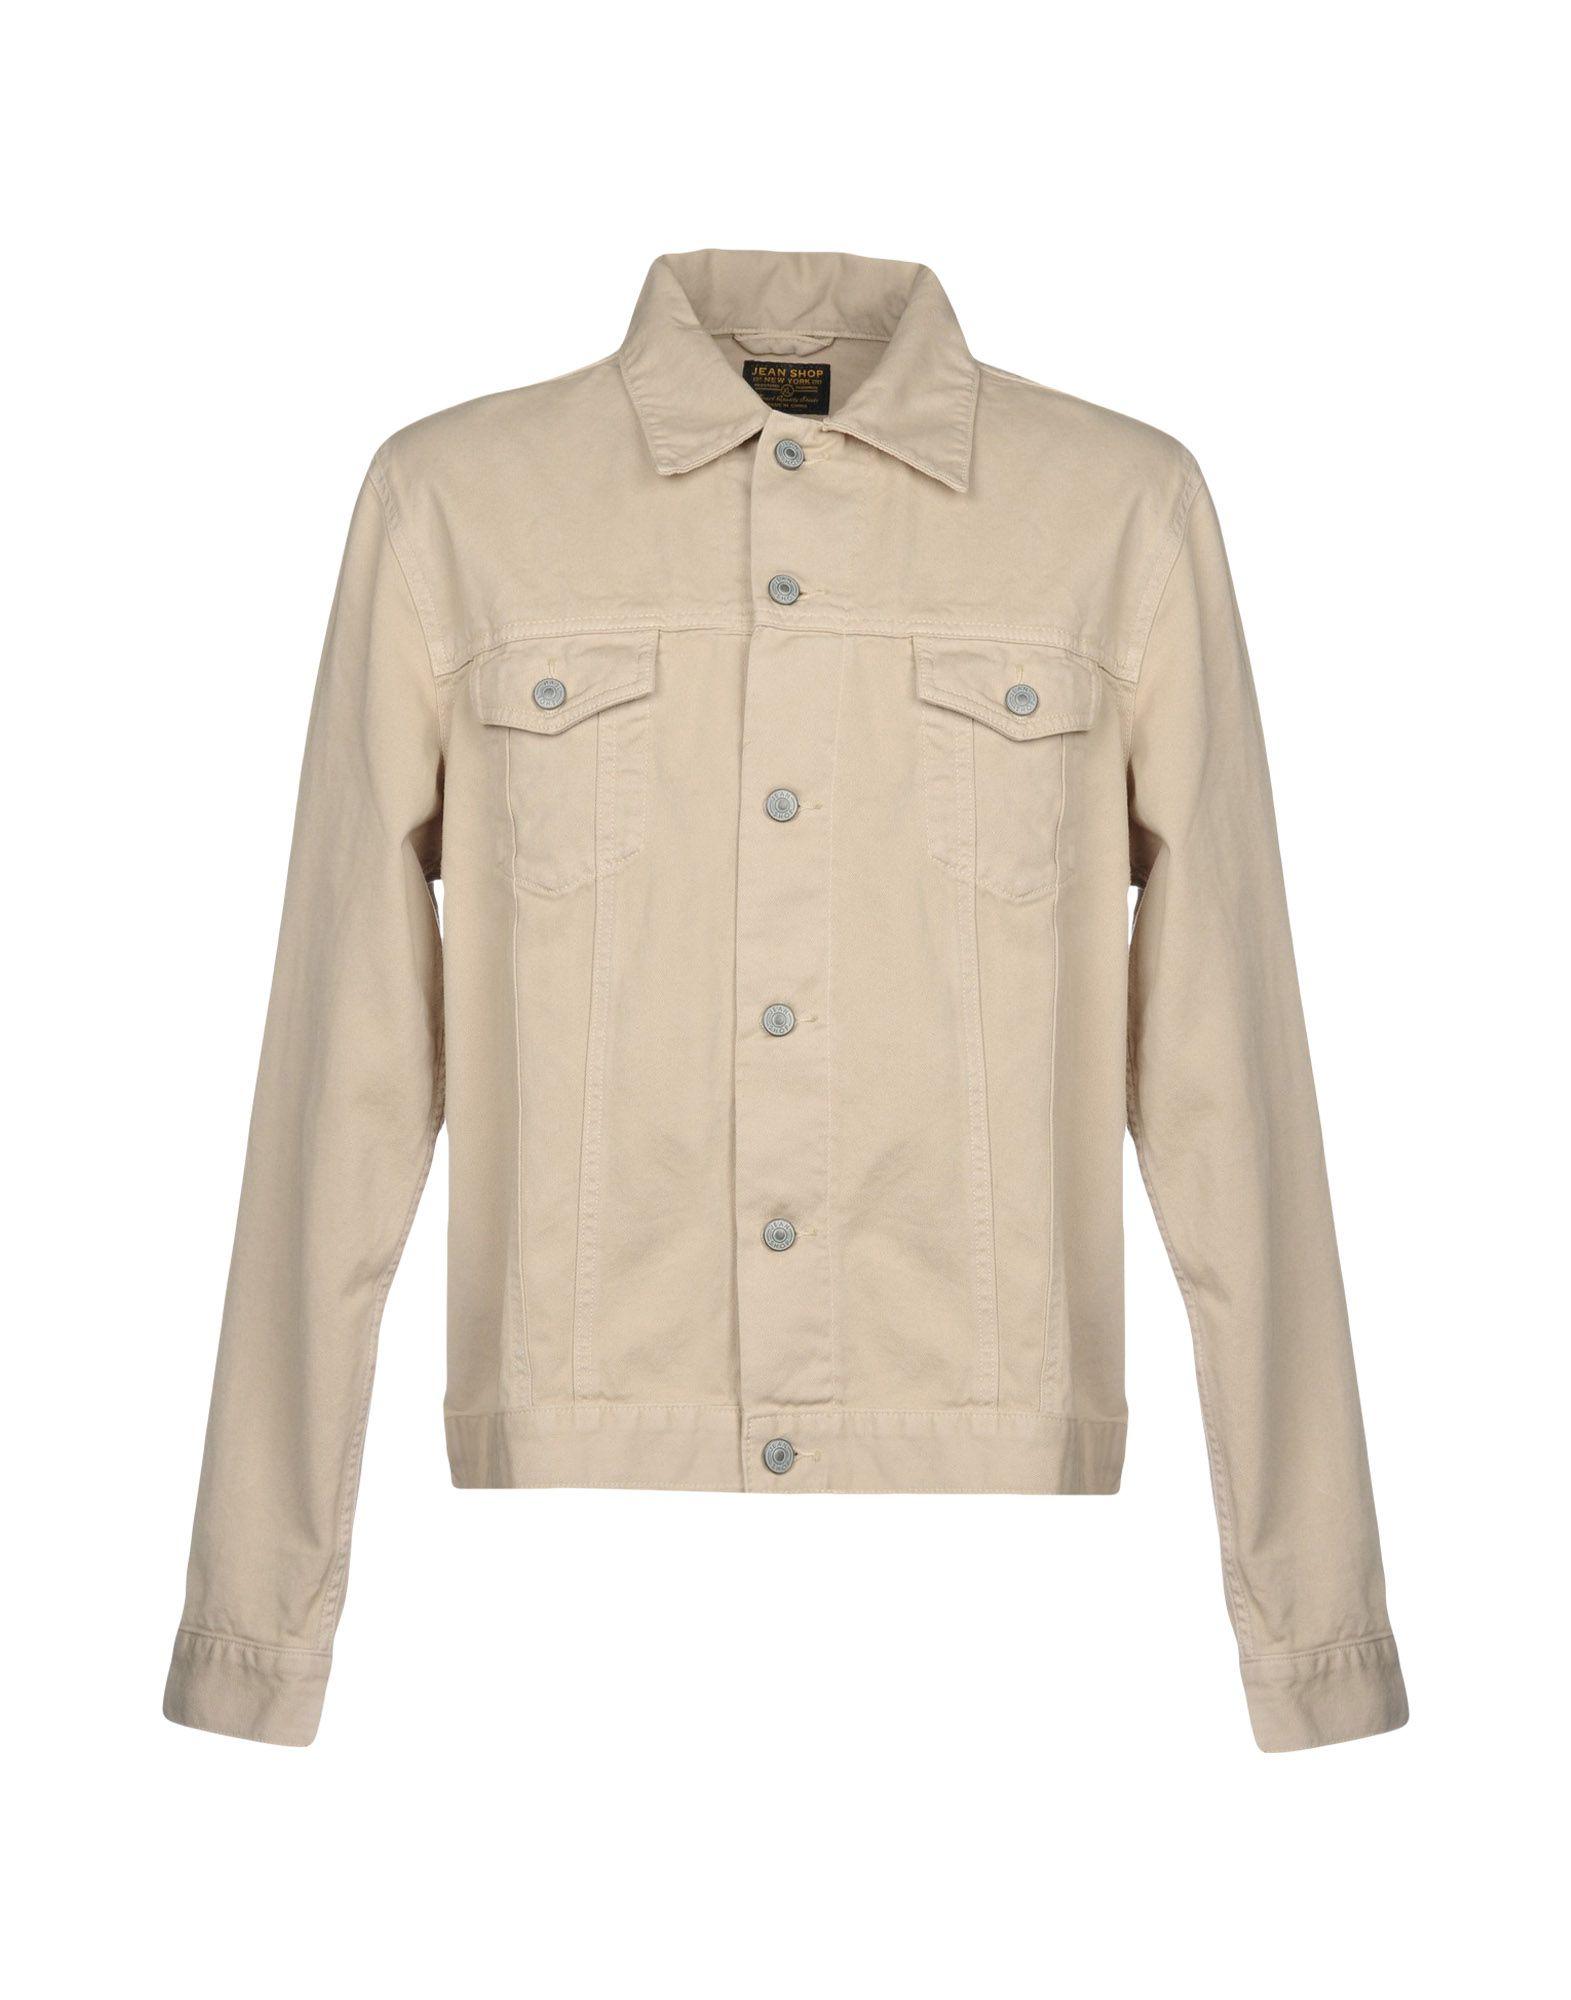 JEAN SHOP Jacket in Beige